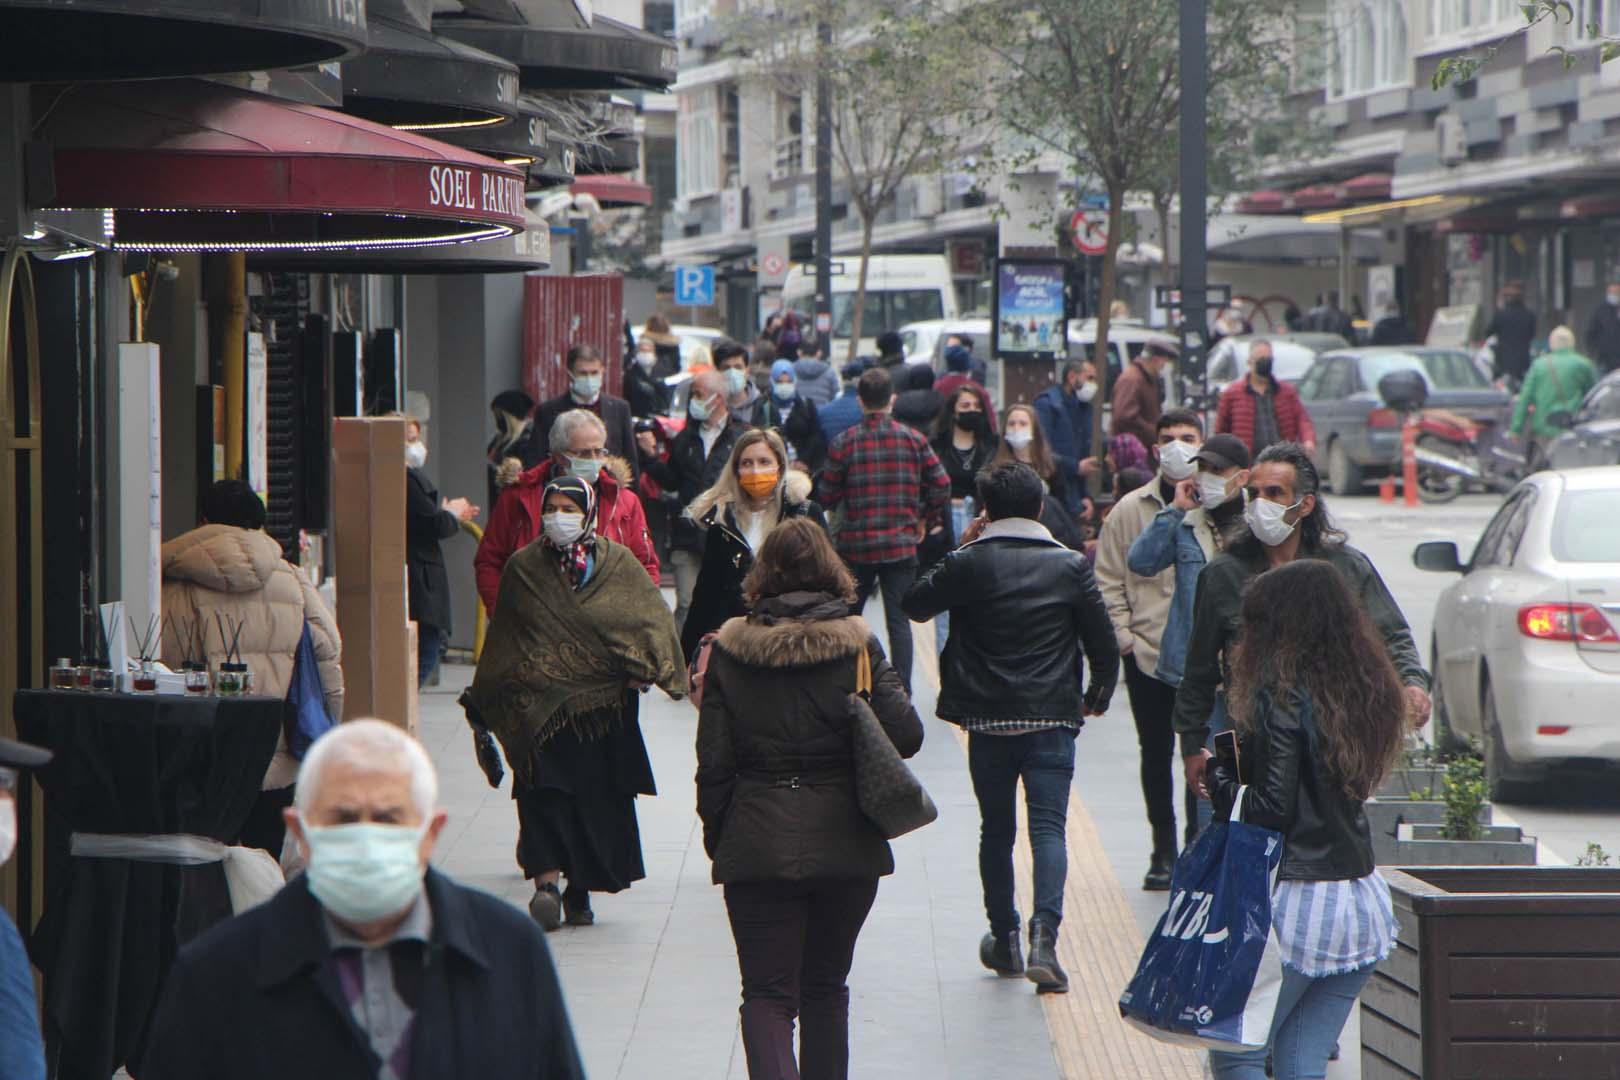 Gazeteci Deniz Zeyrek aşama aşama yazdı! 17 Mayıs'tan sonra yasaklar kalkıyor: Sokağa çıkma yasağı , kafe, lokanta, aşılama...